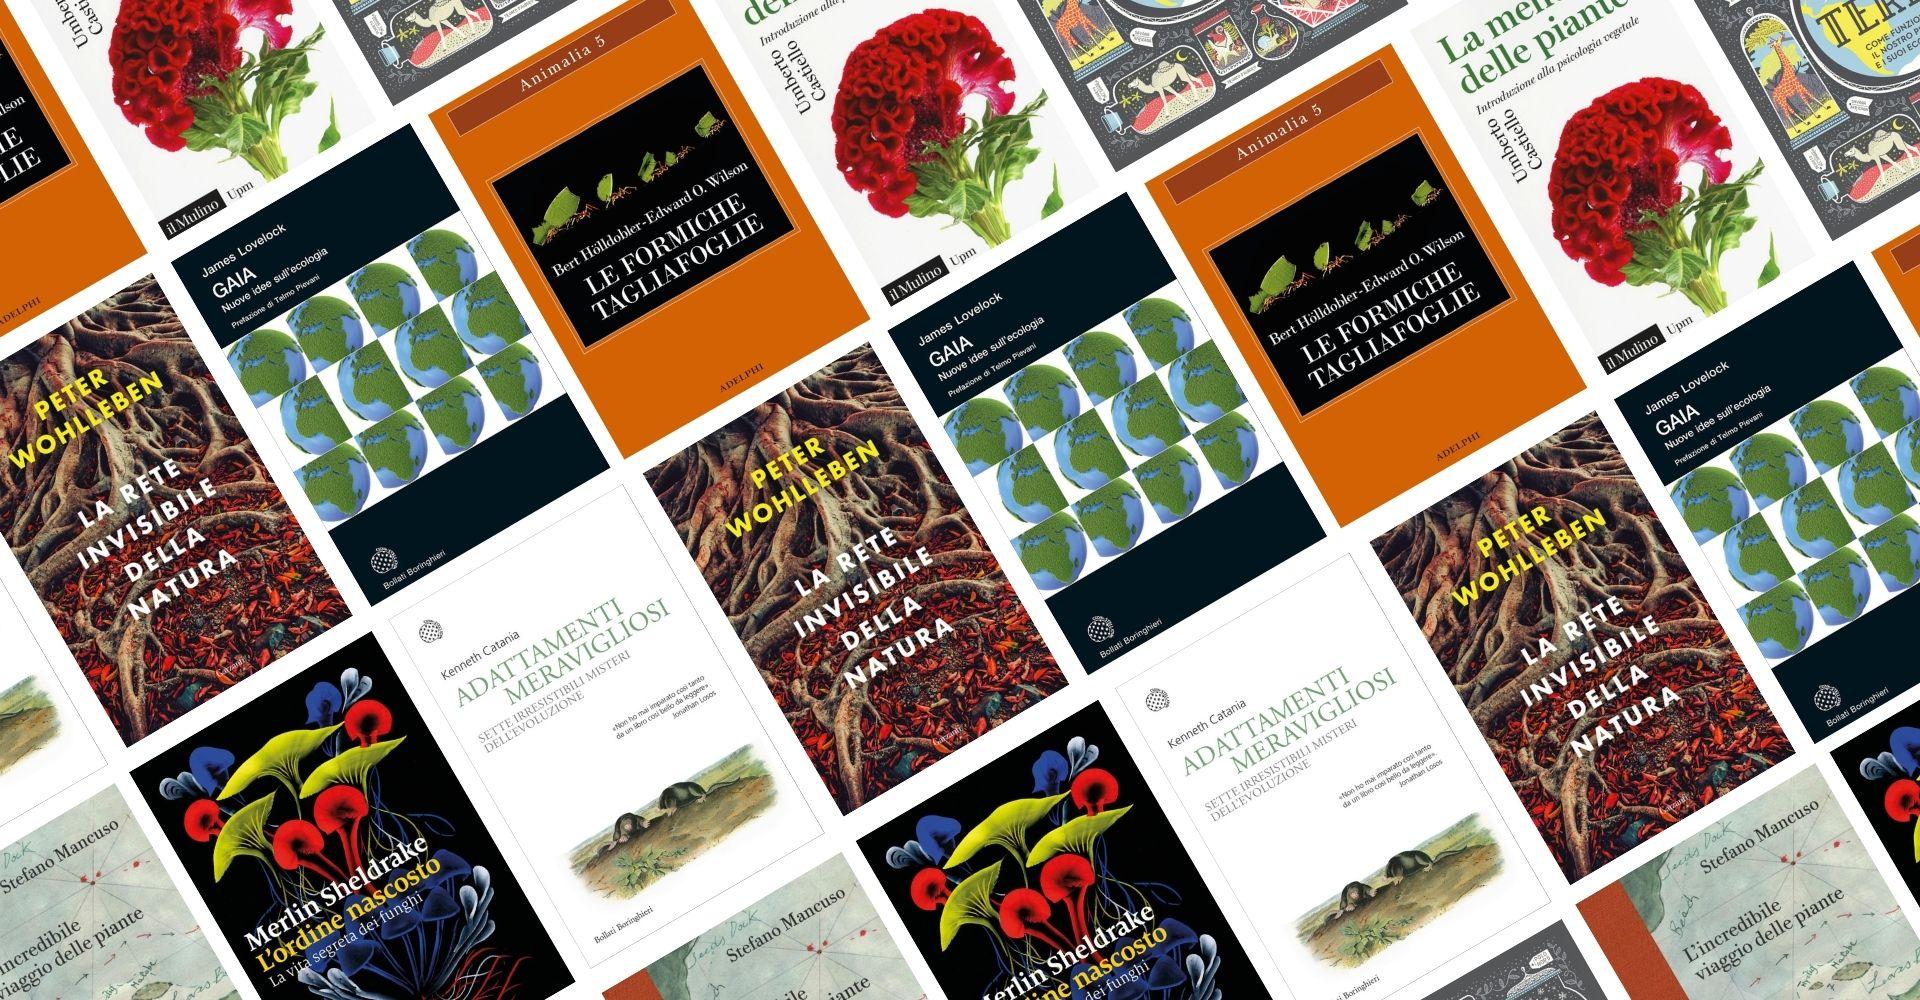 Libri per comprendere la natura